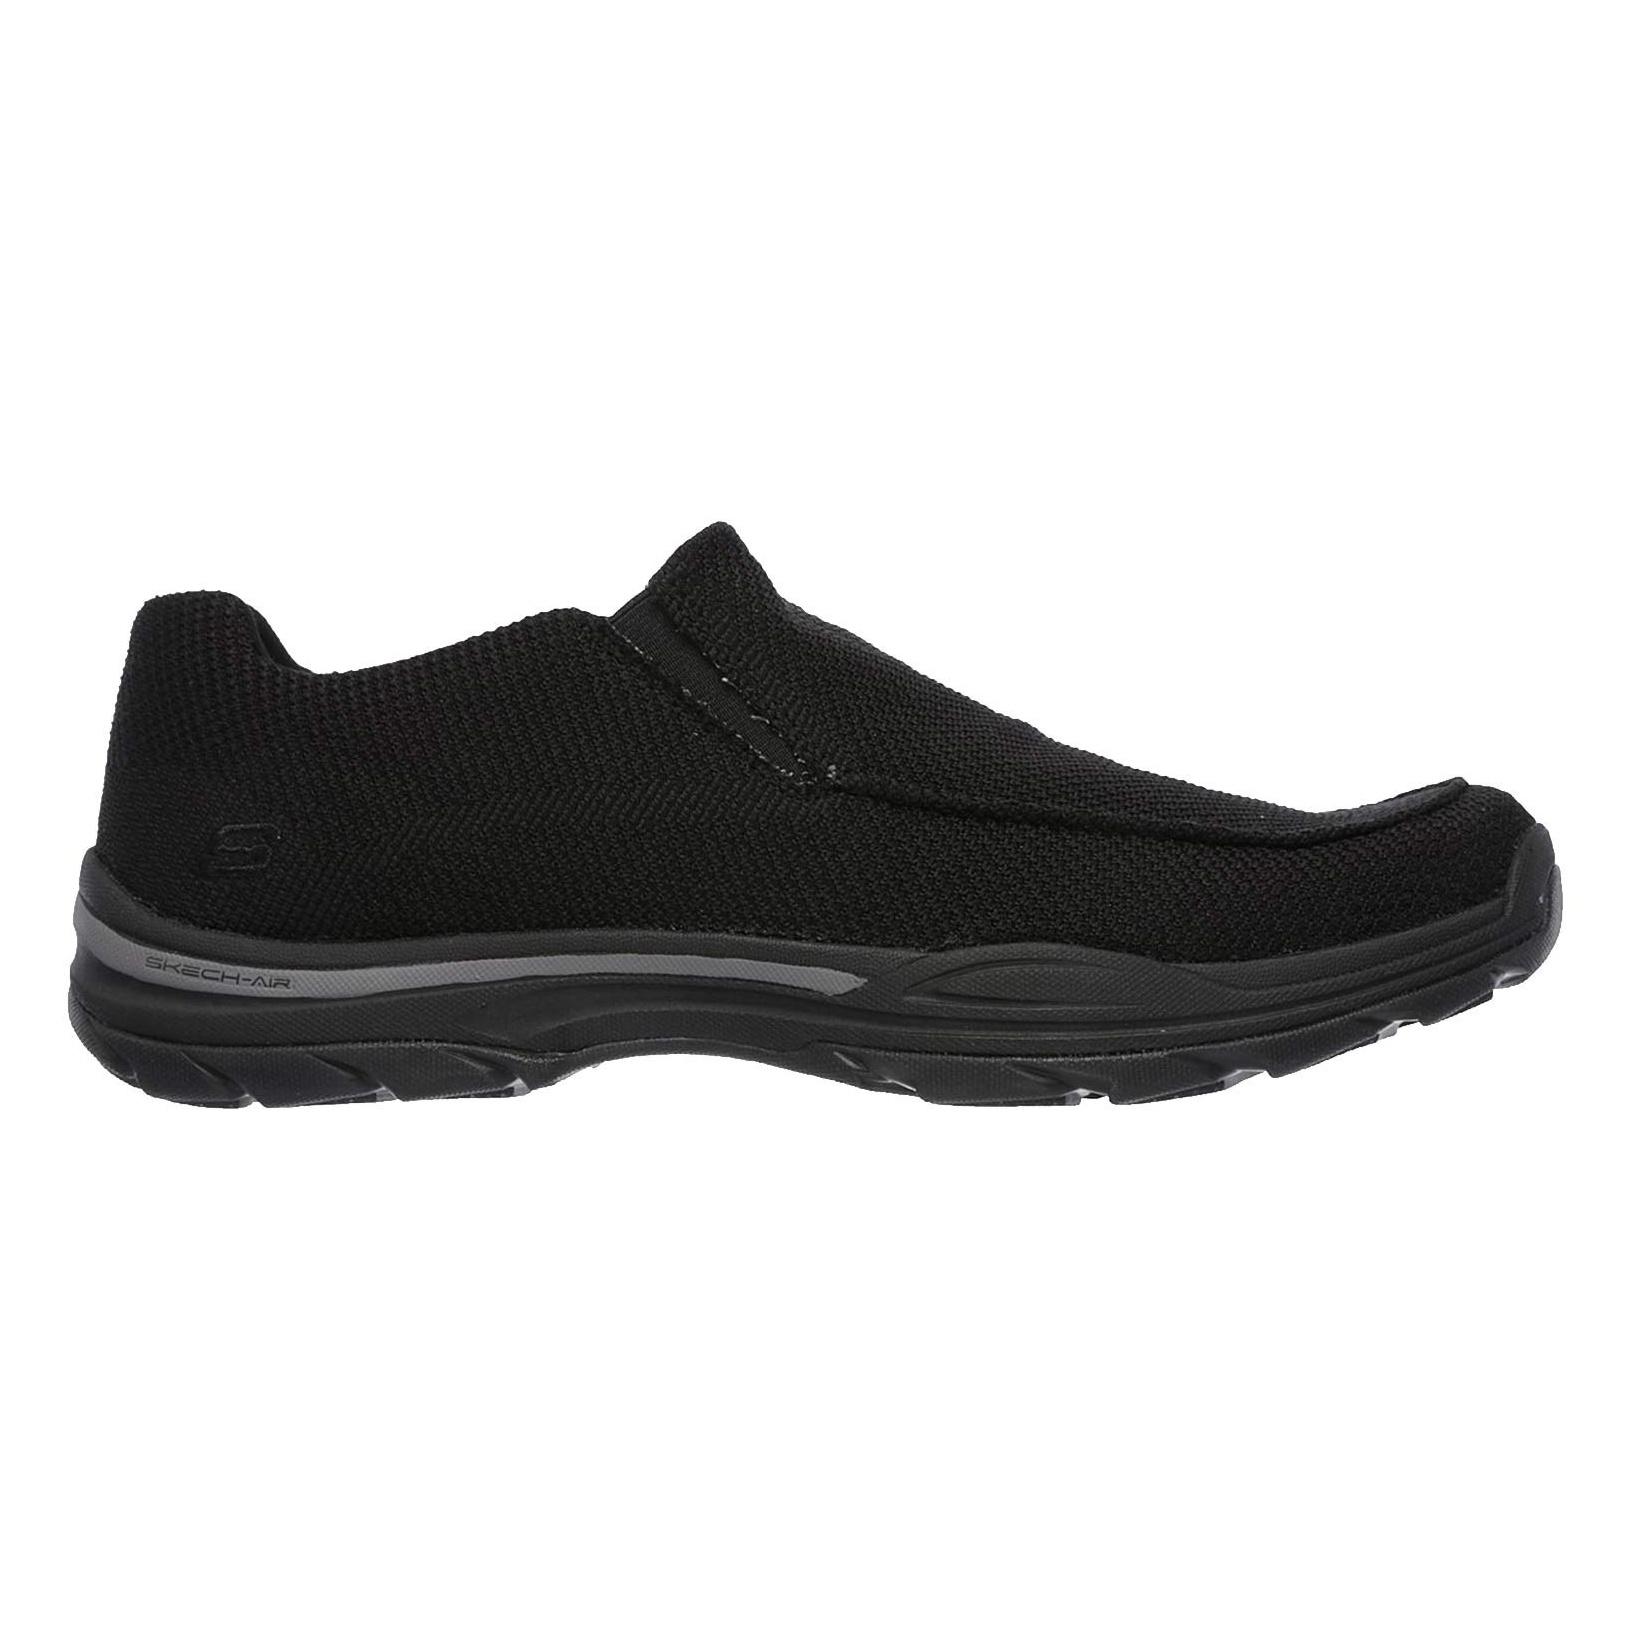 کفش راحتی پارچه ای مردانه Skech-Air Elment Vengo - اسکچرز - مشکي - 1